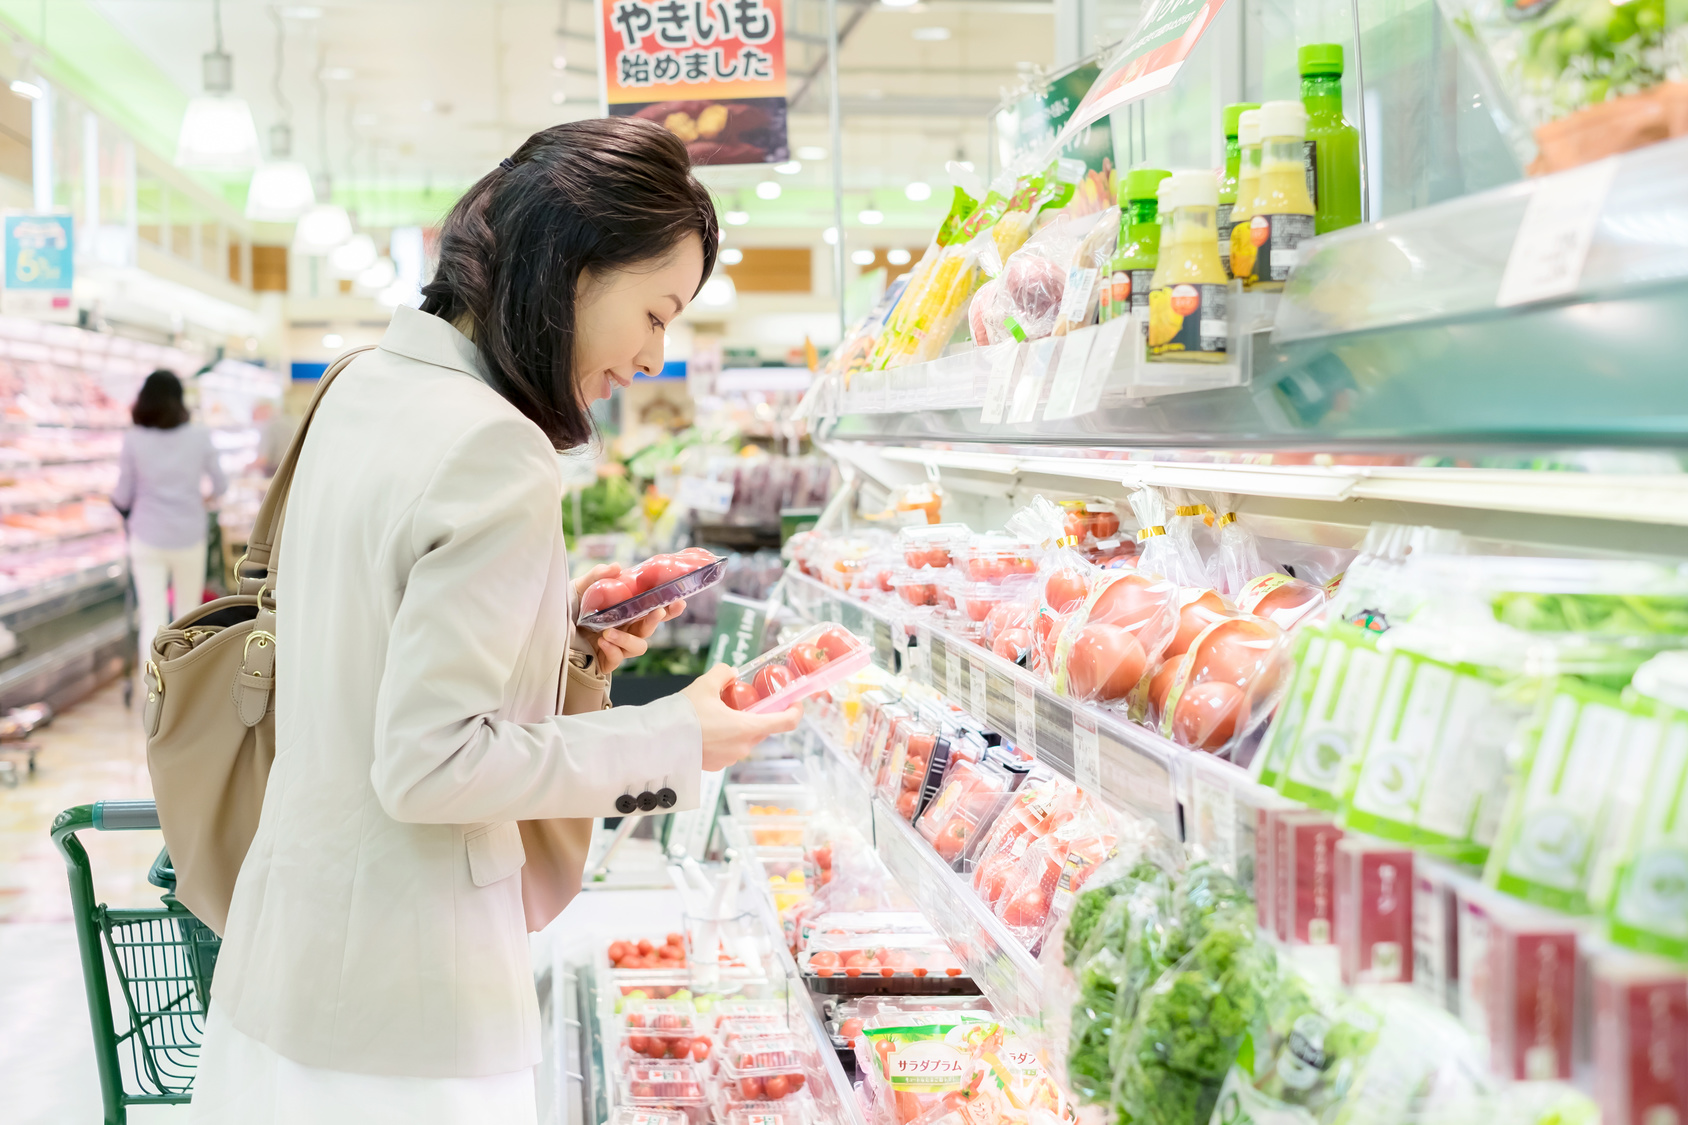 「食材まとめ買い 画像フリー」の画像検索結果